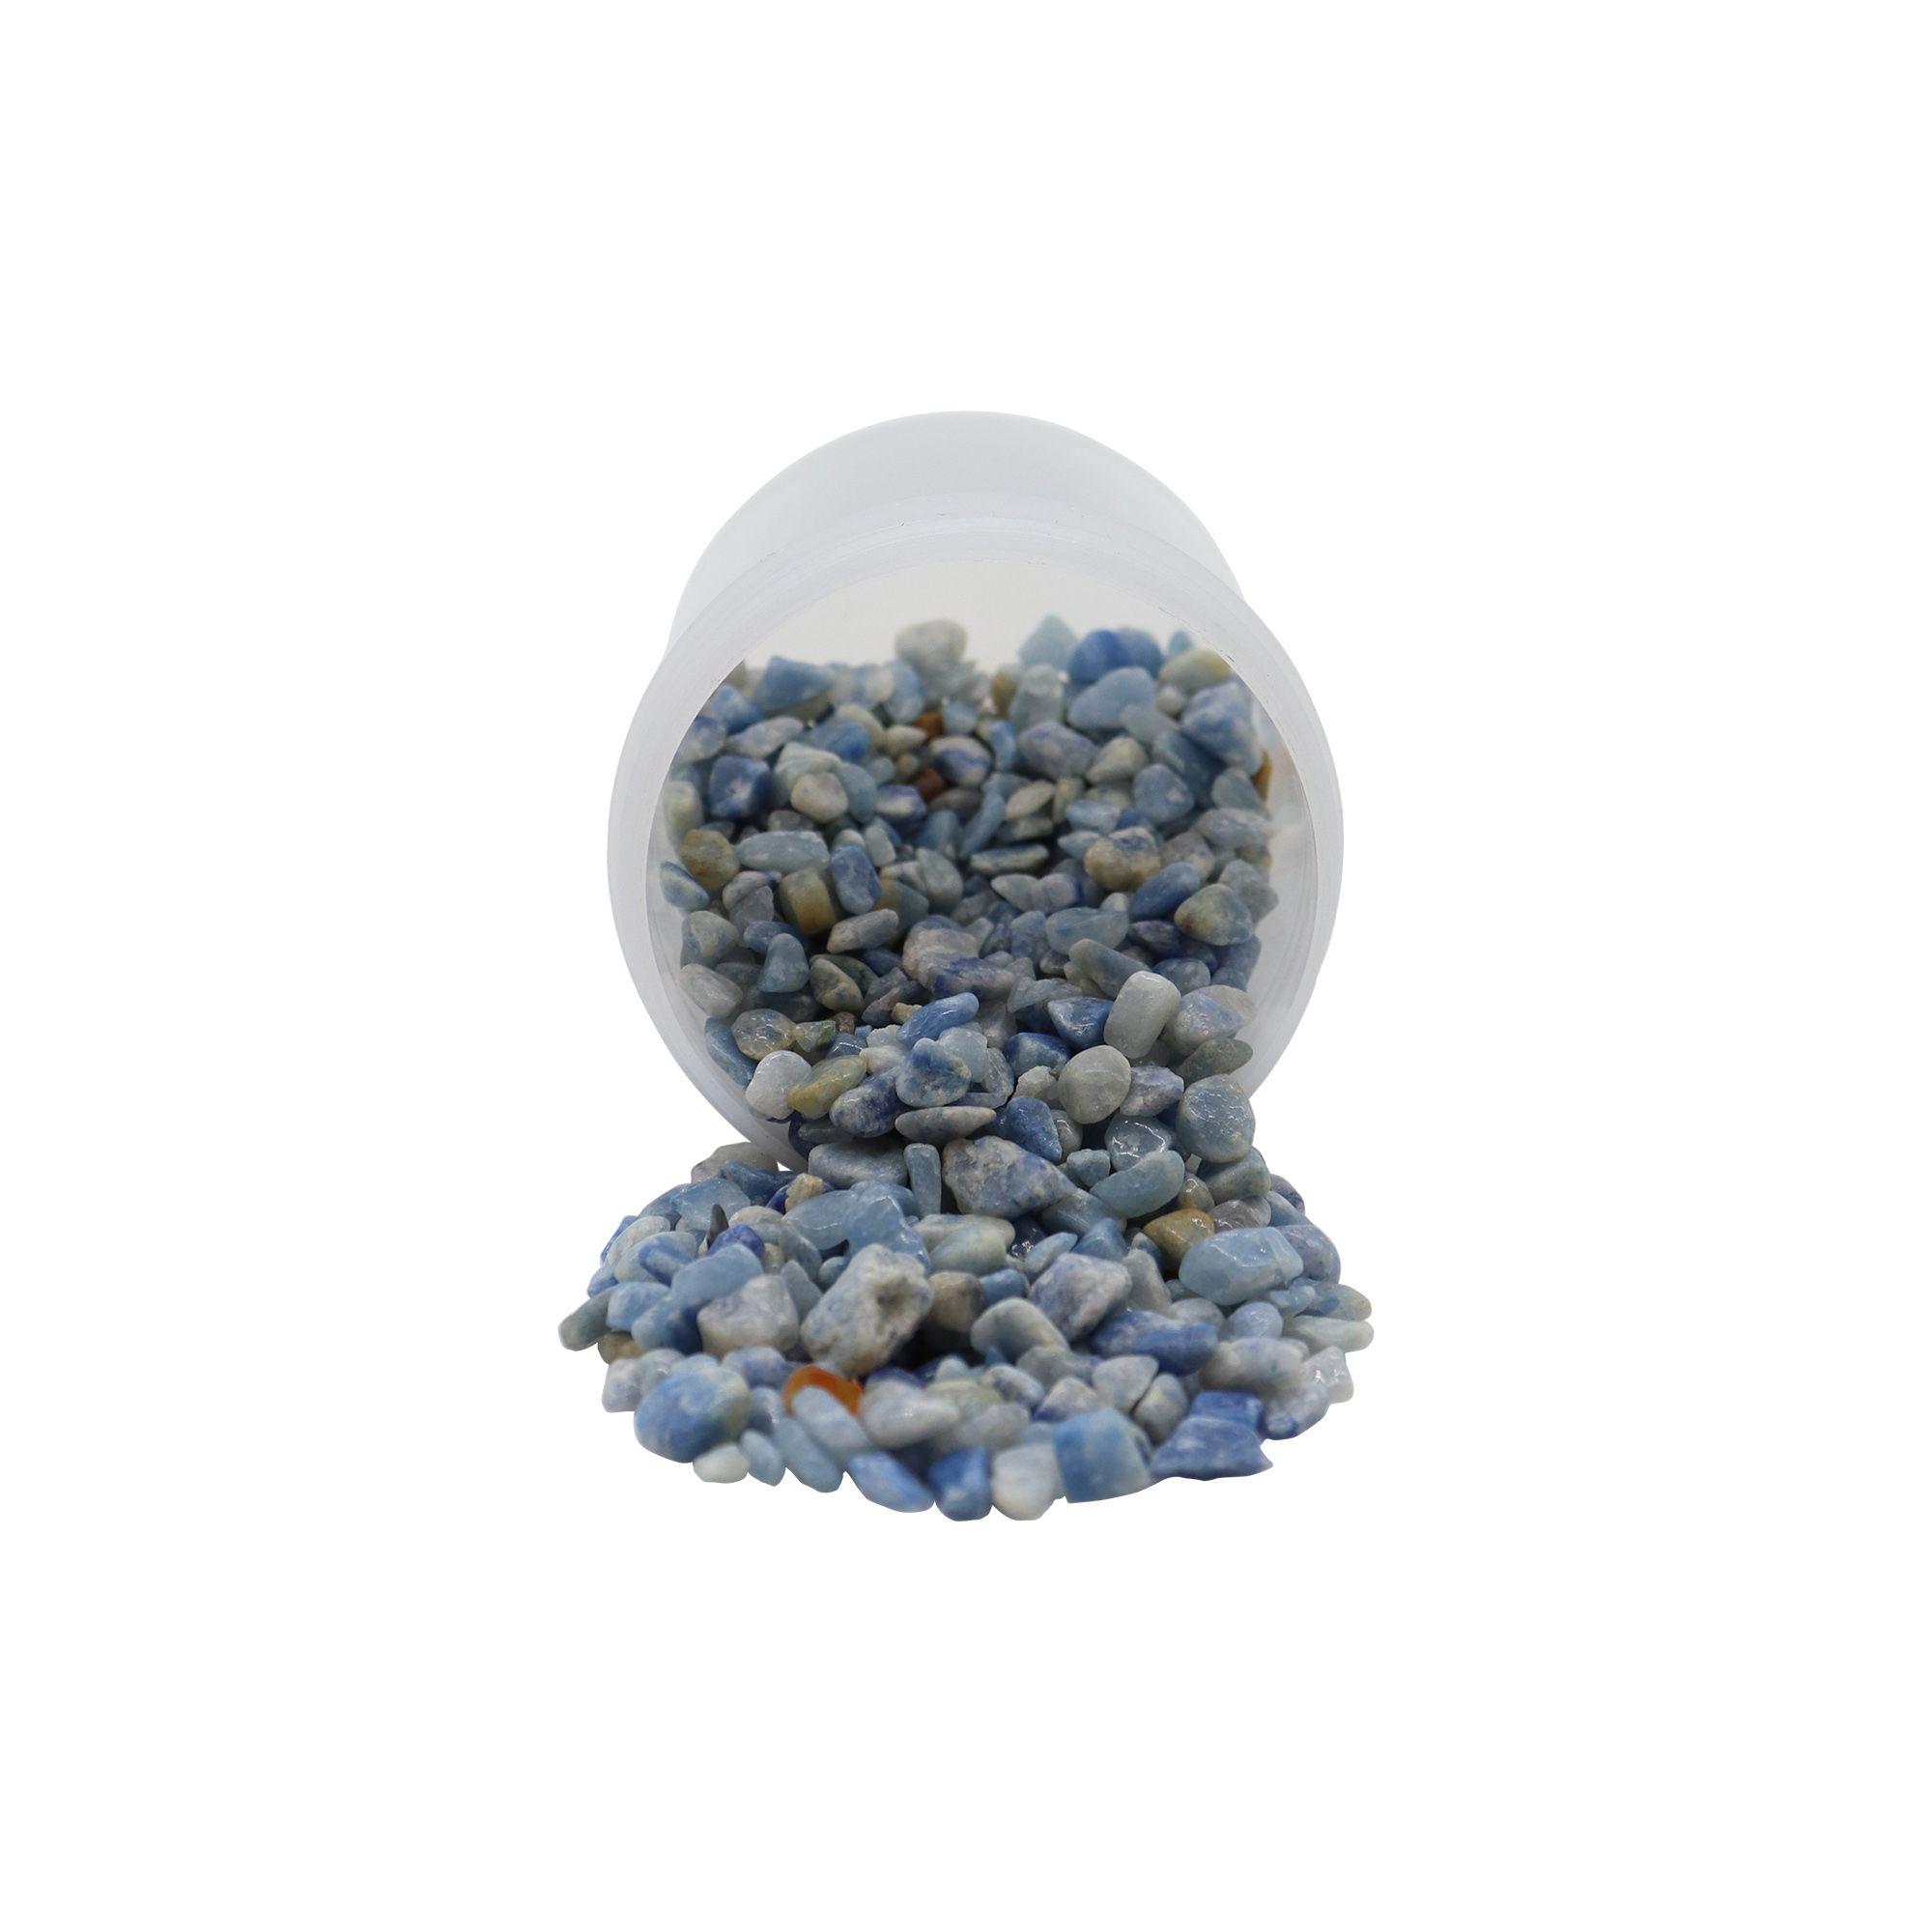 Pote de pedras quartzo azul 70g